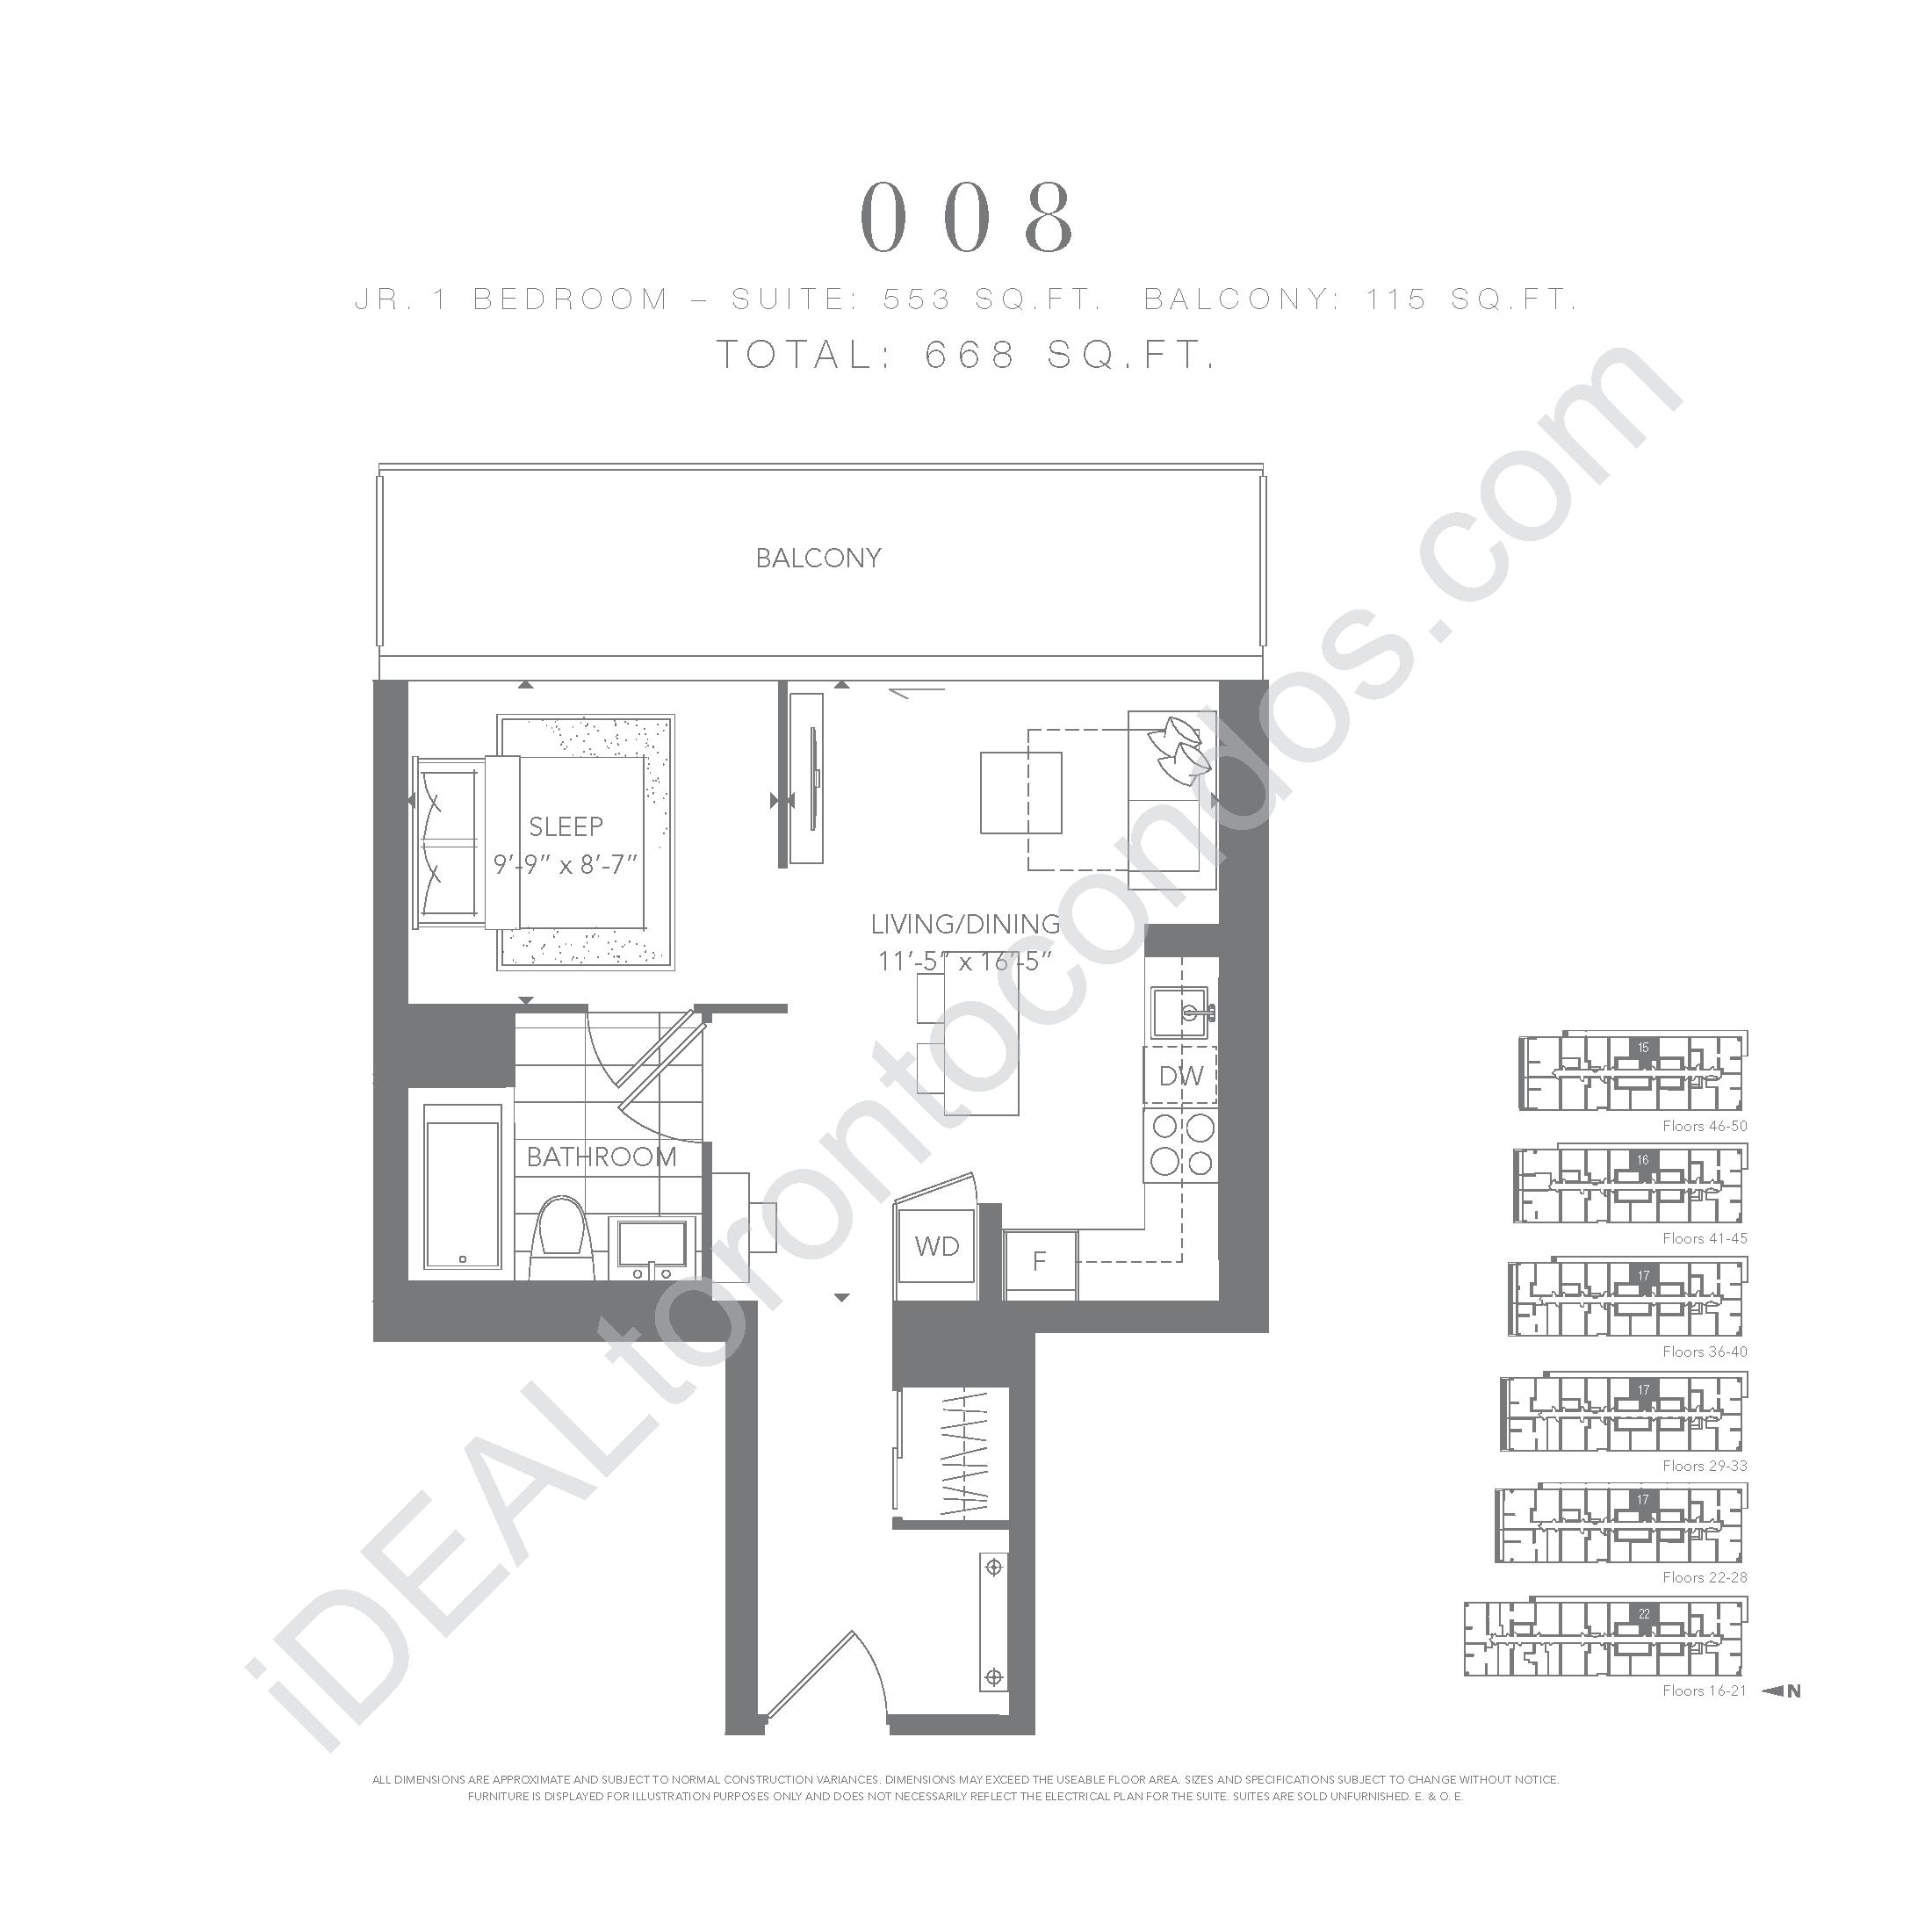 Jr 1 bedroom 008